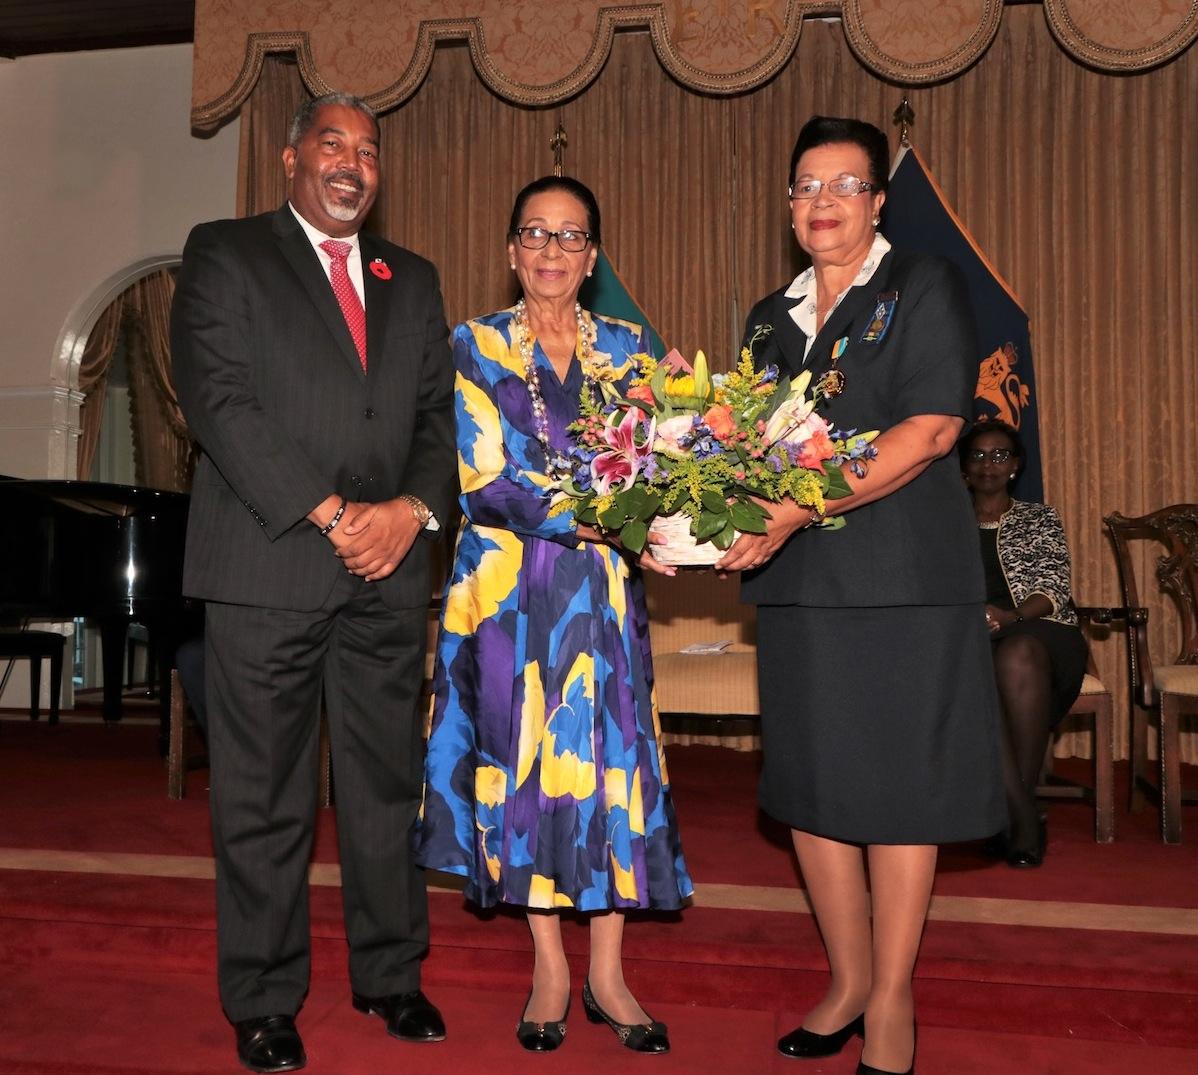 Garraway receives Lifetime Achievement Award